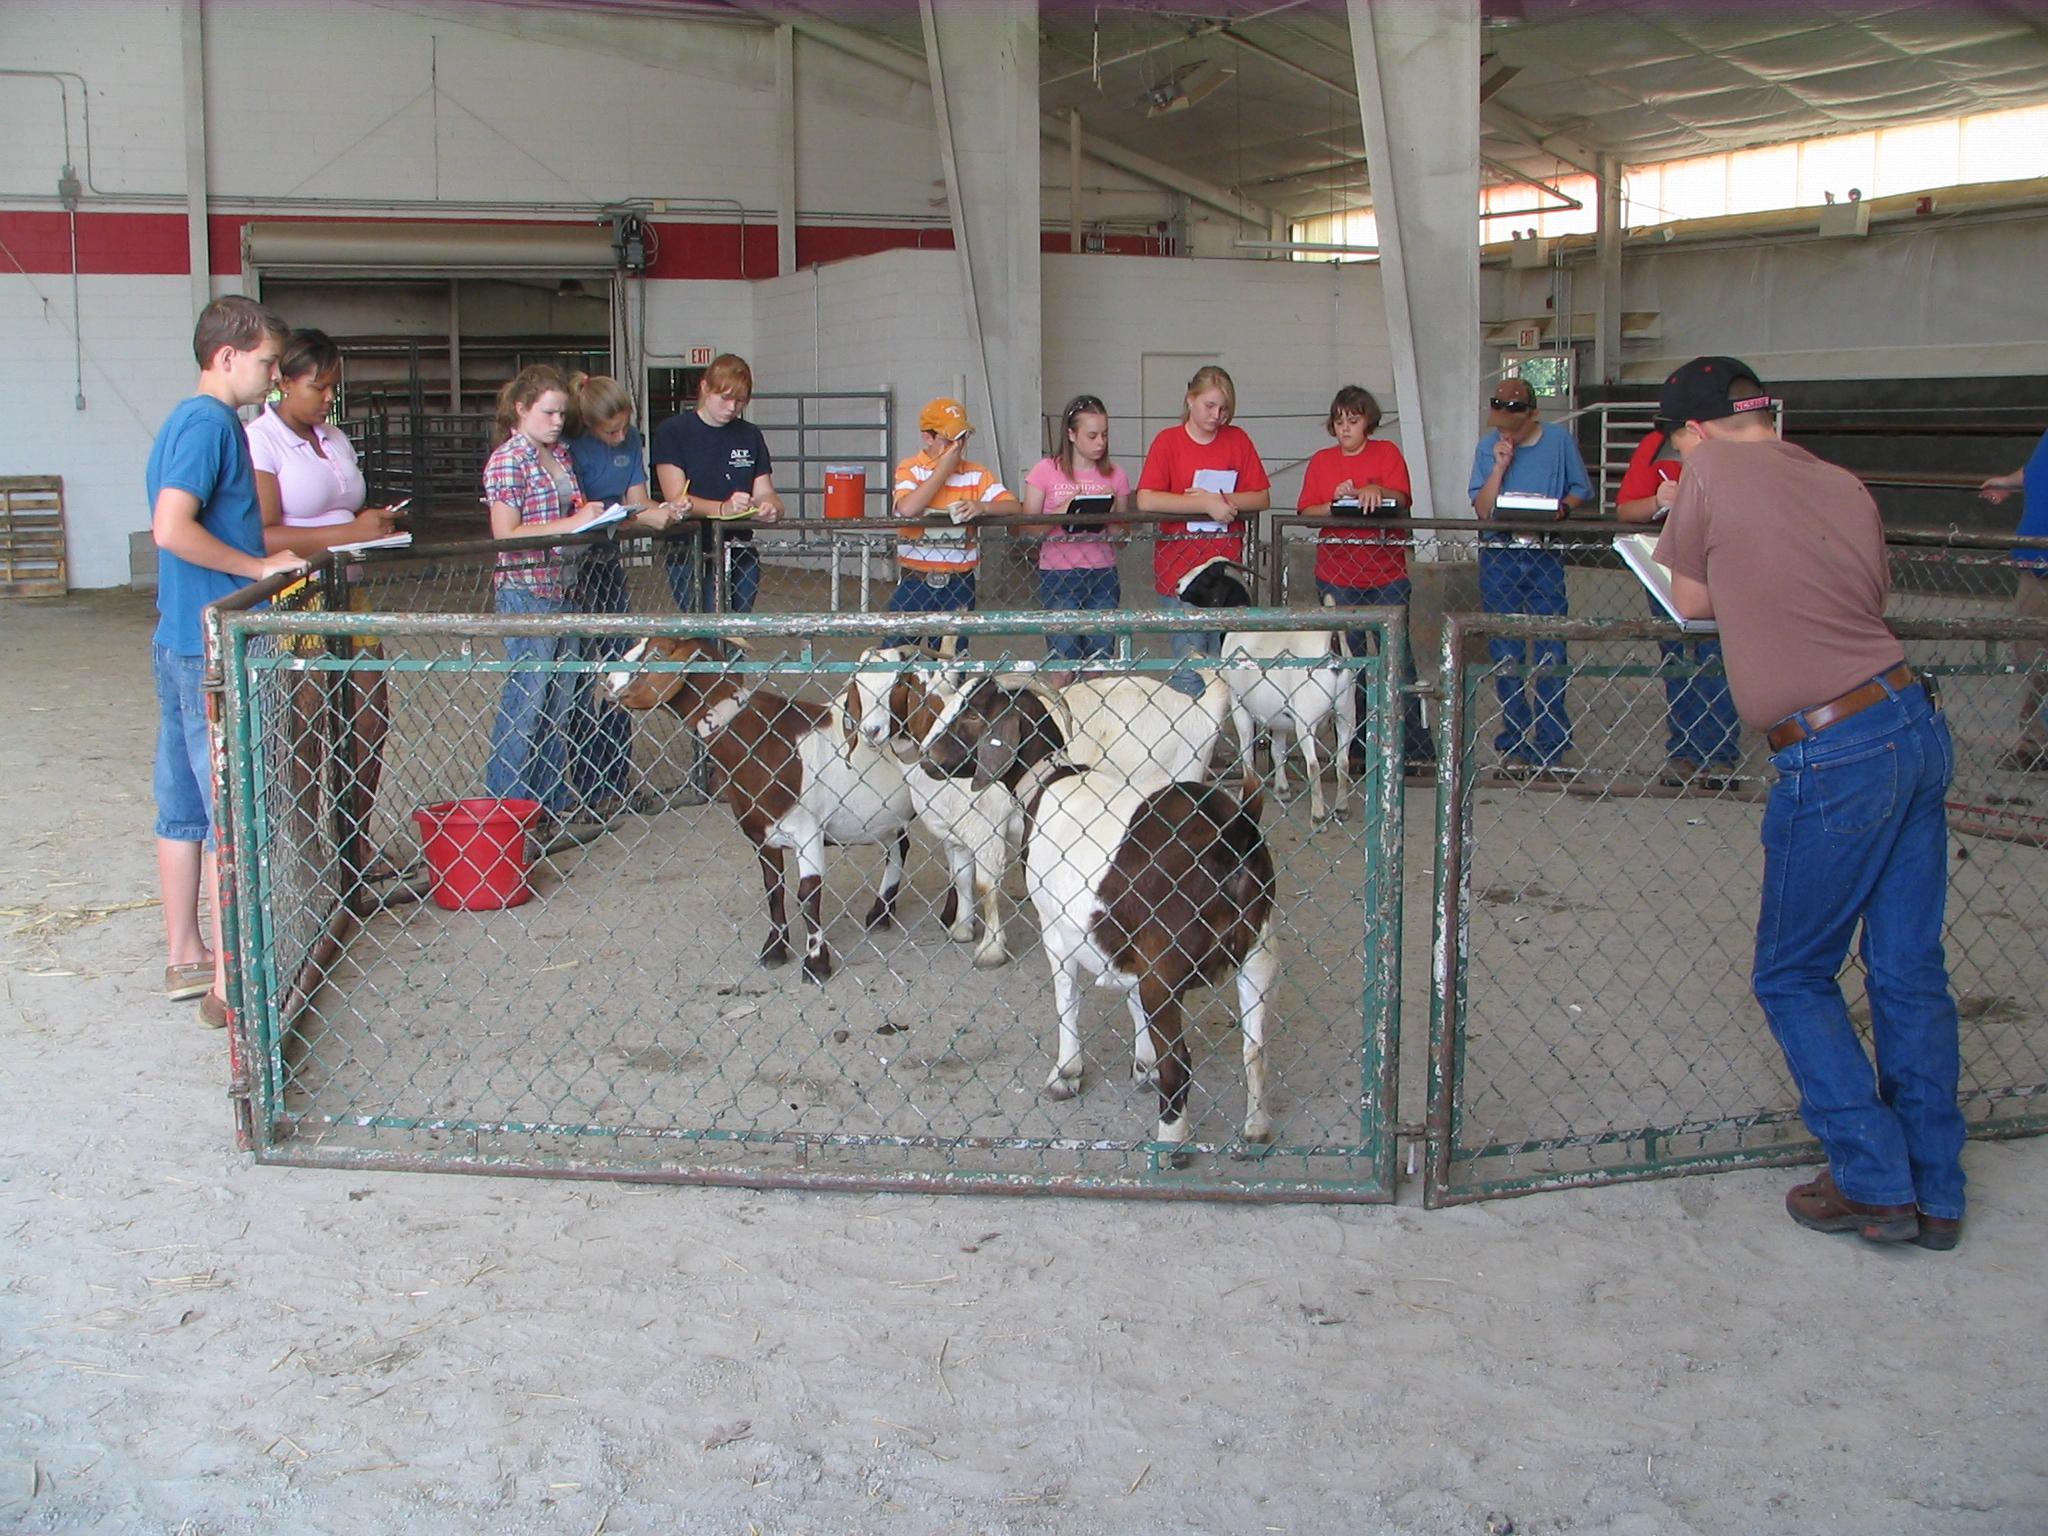 Livestock in pen